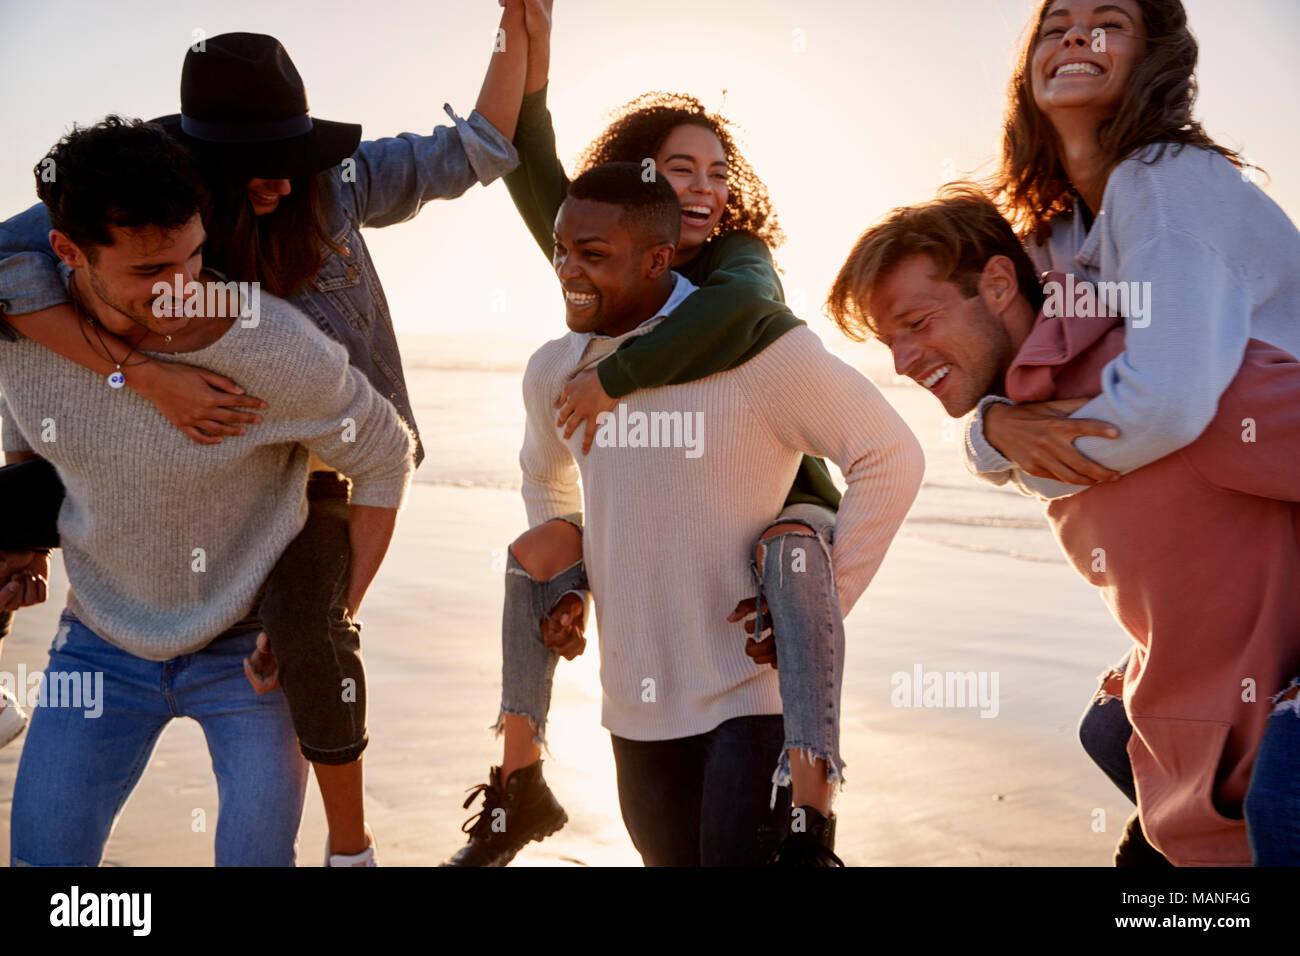 Gruppo di amici avente Piggyback gara sulla Spiaggia Invernale insieme Immagini Stock